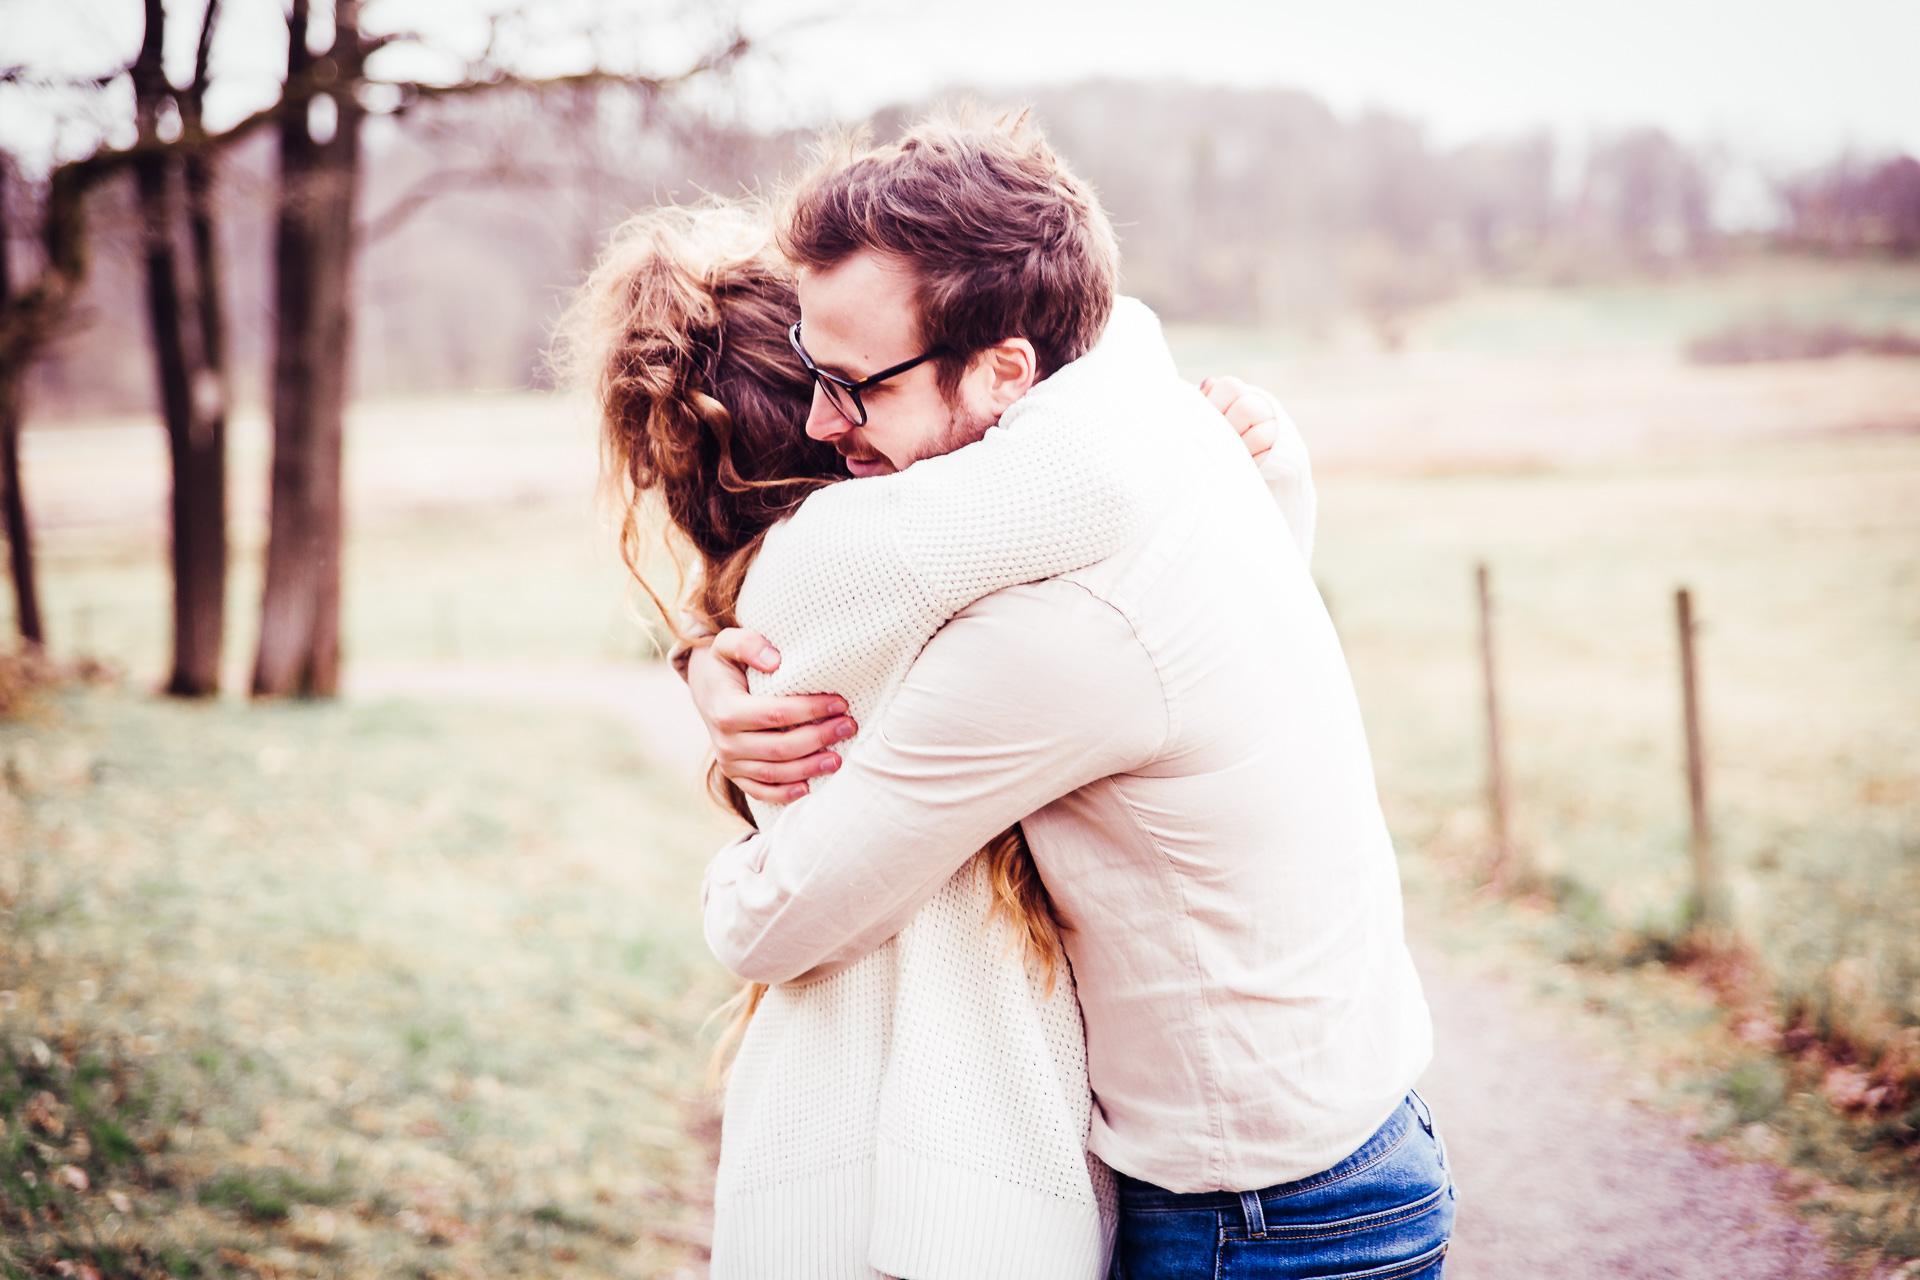 bröllopsfotograf uppsala, göteborg, bröllop, fotograf, kärlek, förlovningsfotografering, parfotografering, preshoot